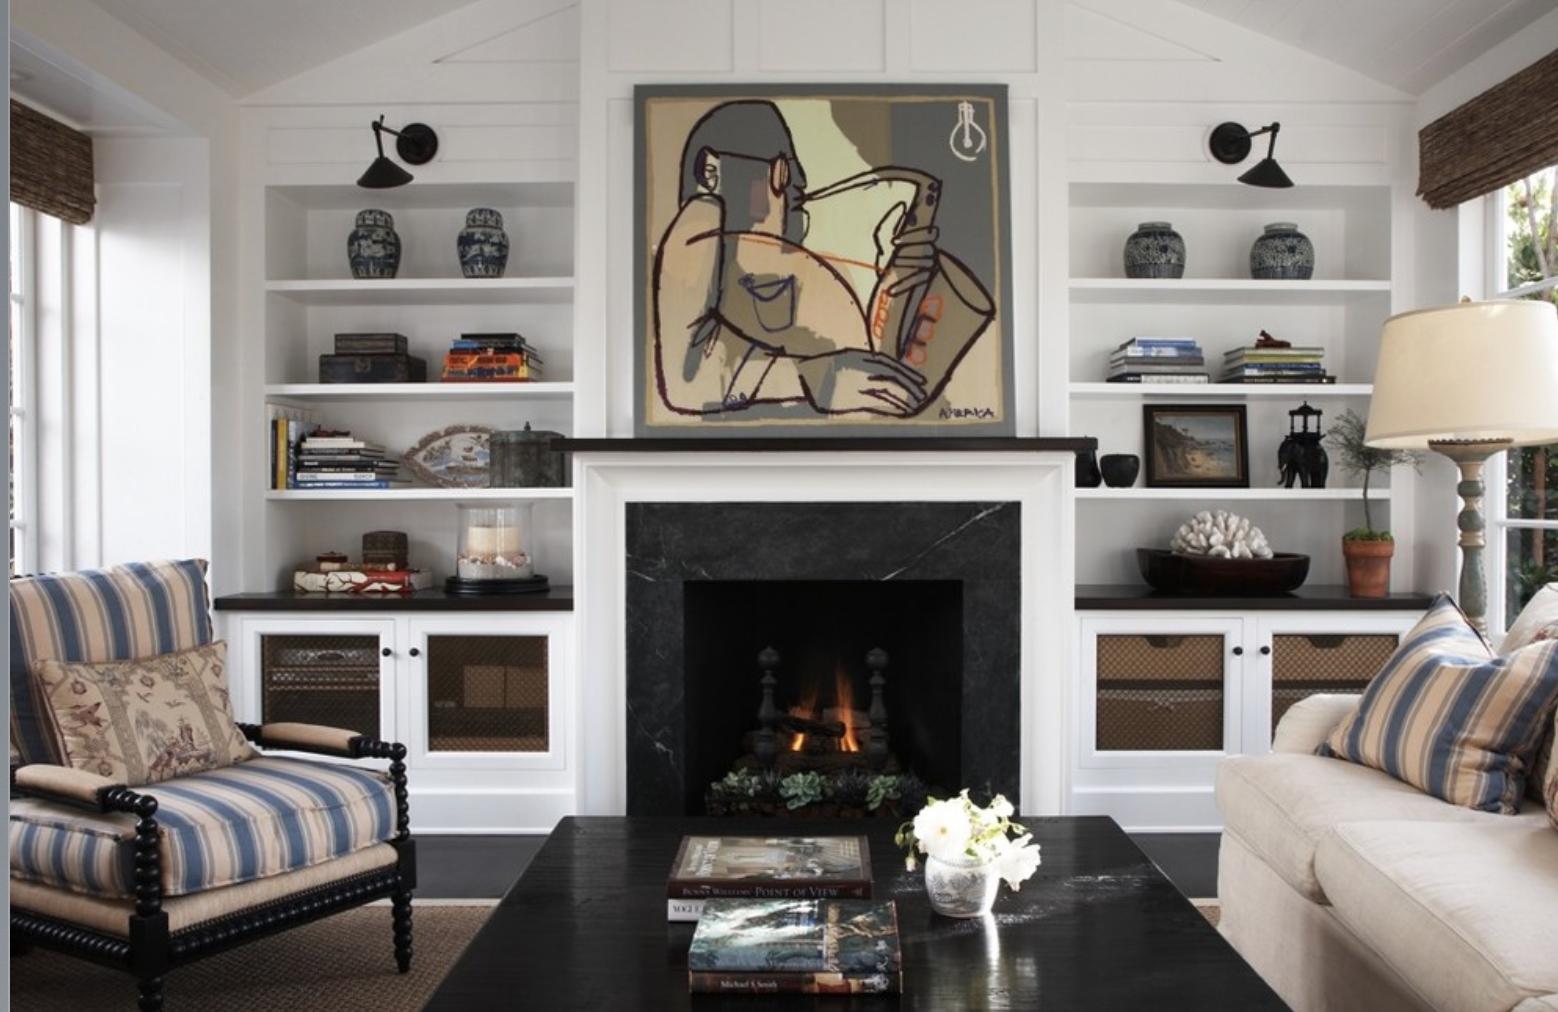 Como decorar sua estante com livros e objetos: decorandoonline #5F4D42 1558x1012